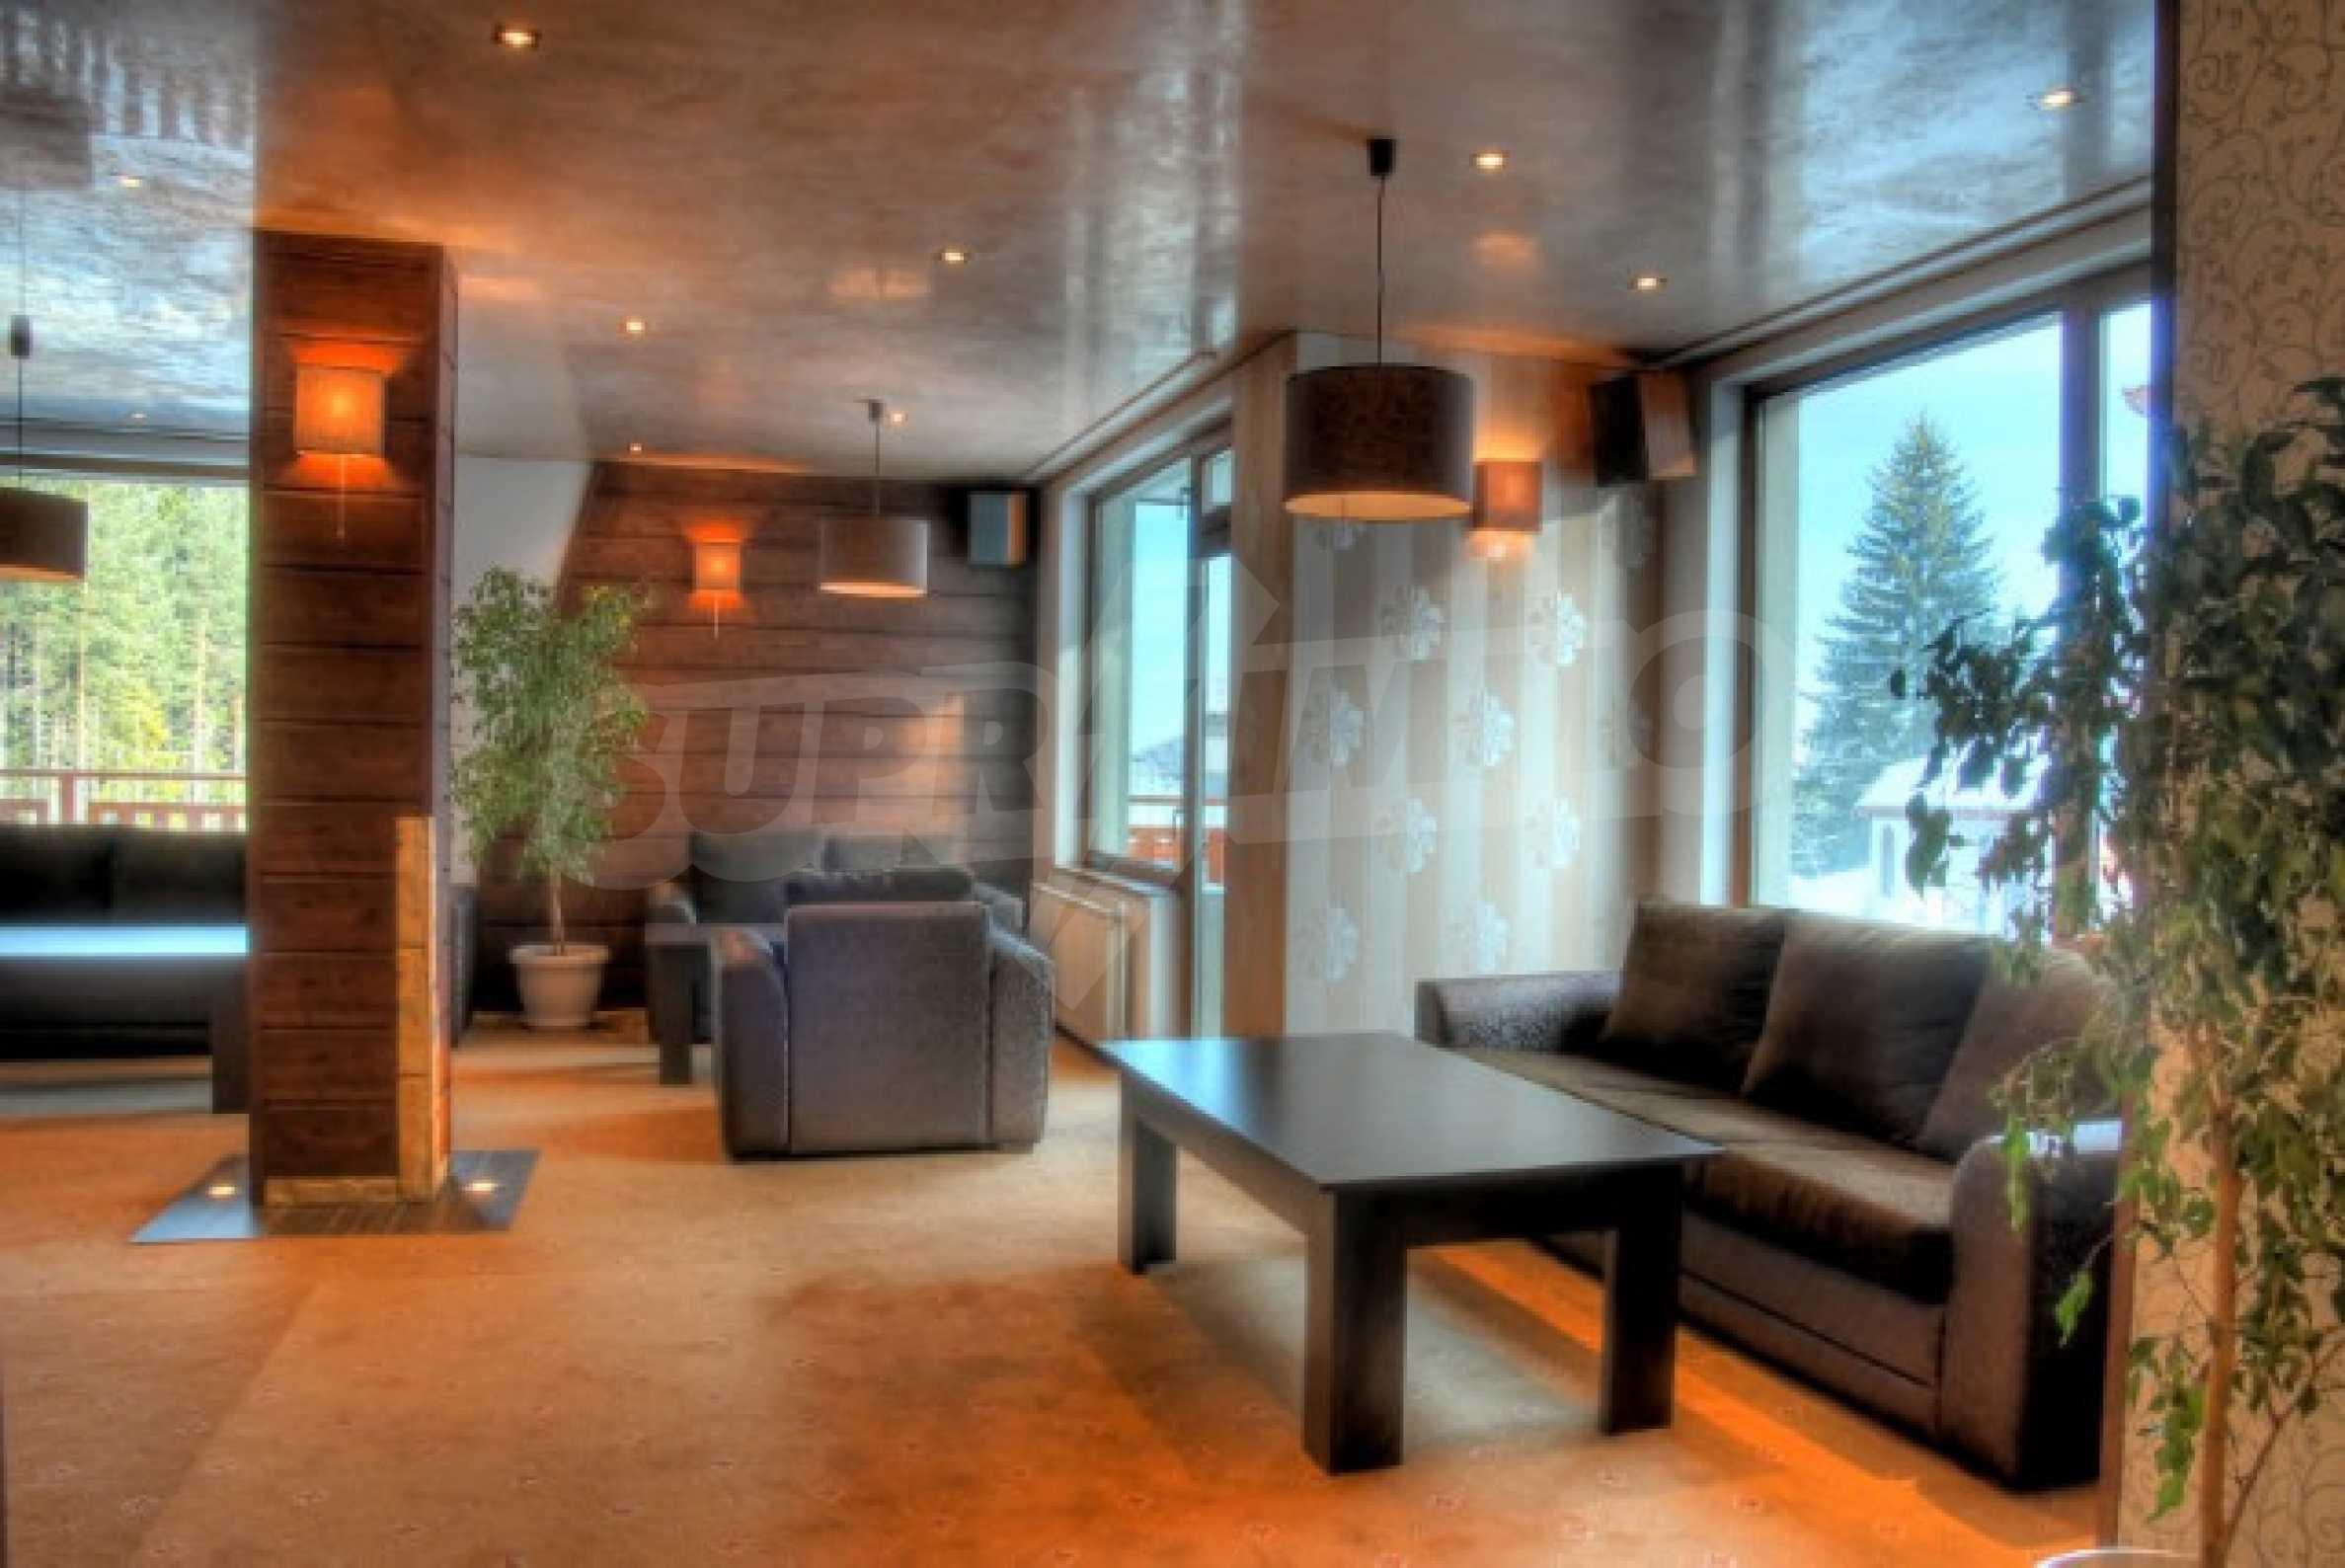 Апартаменти на атрактивни цени в планински ваканционен комплекс в Пампорово 8